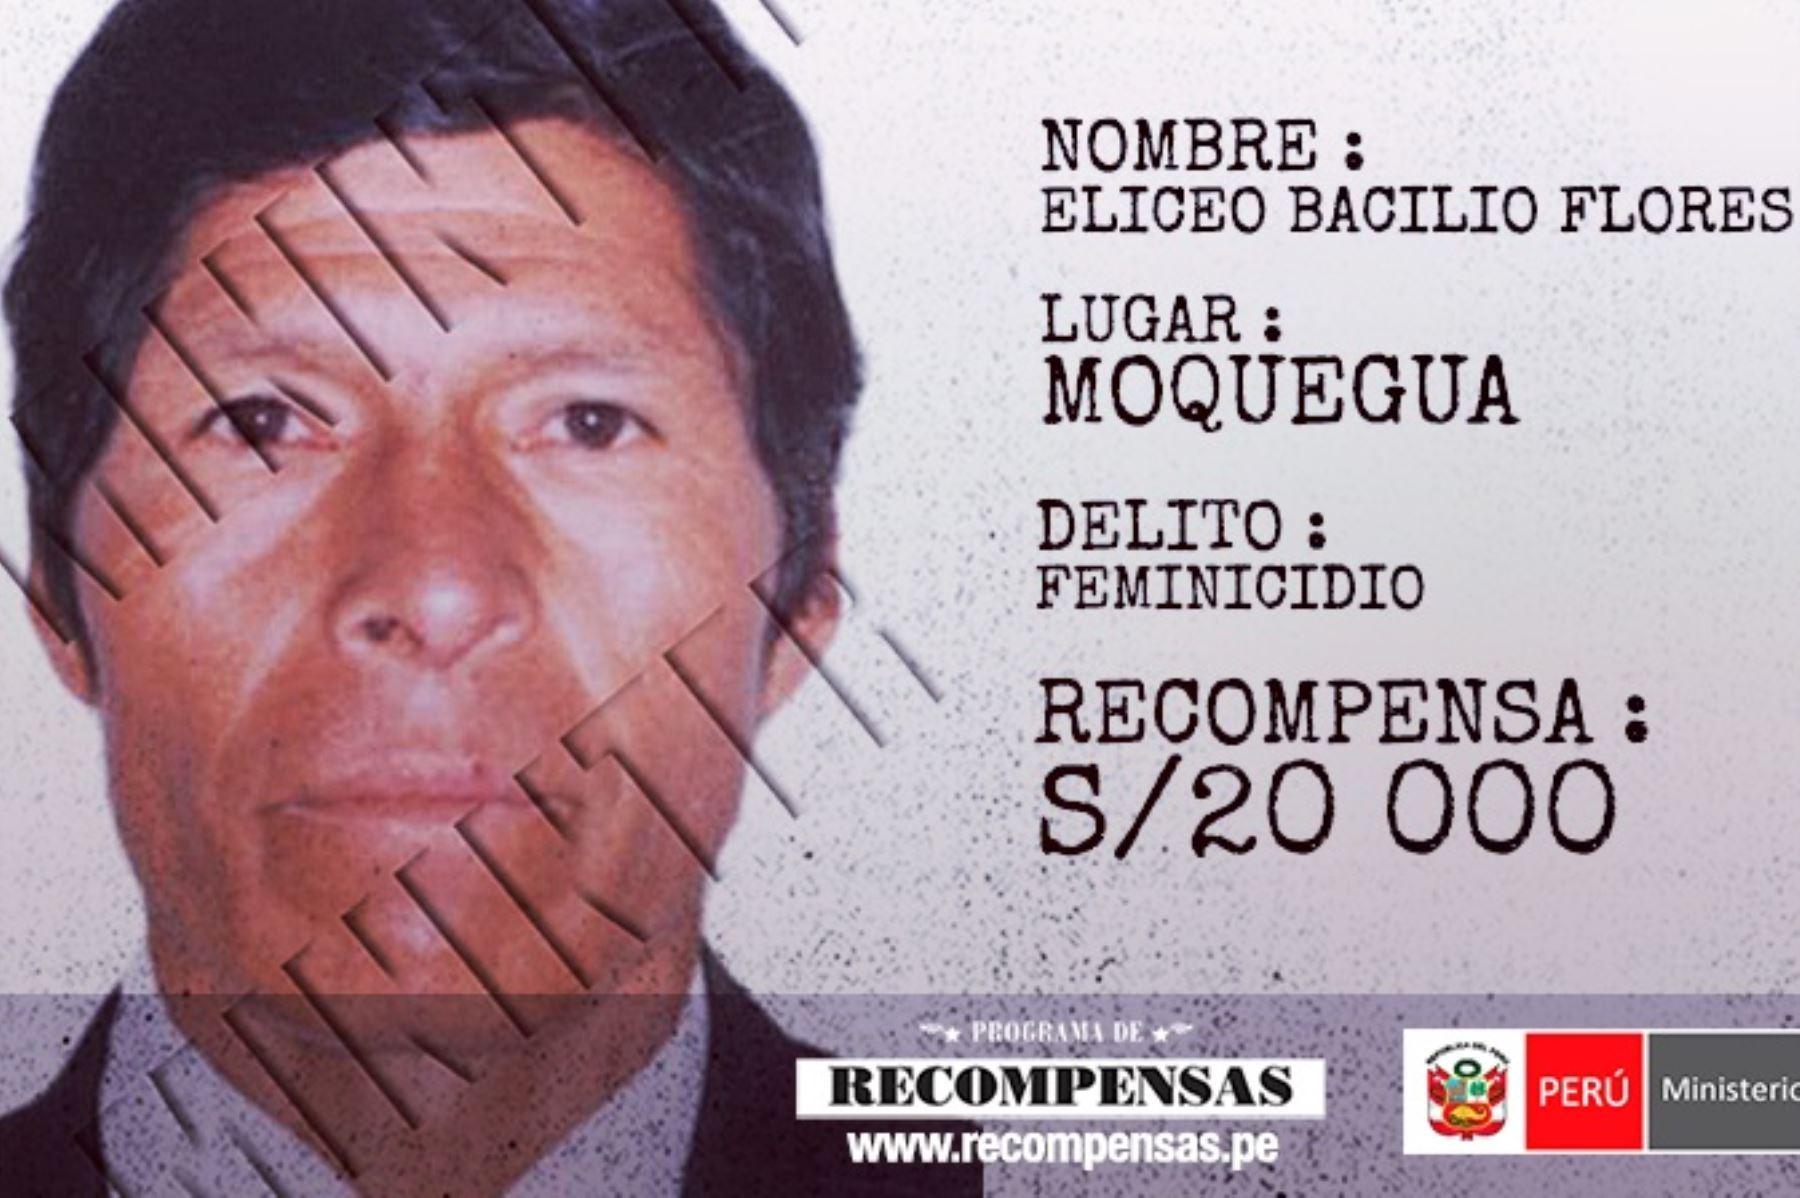 Eliceo Bacilio Flores Pauro, requisitoriado por el delito de feminicidio al presuntamente asesinar a su pareja.